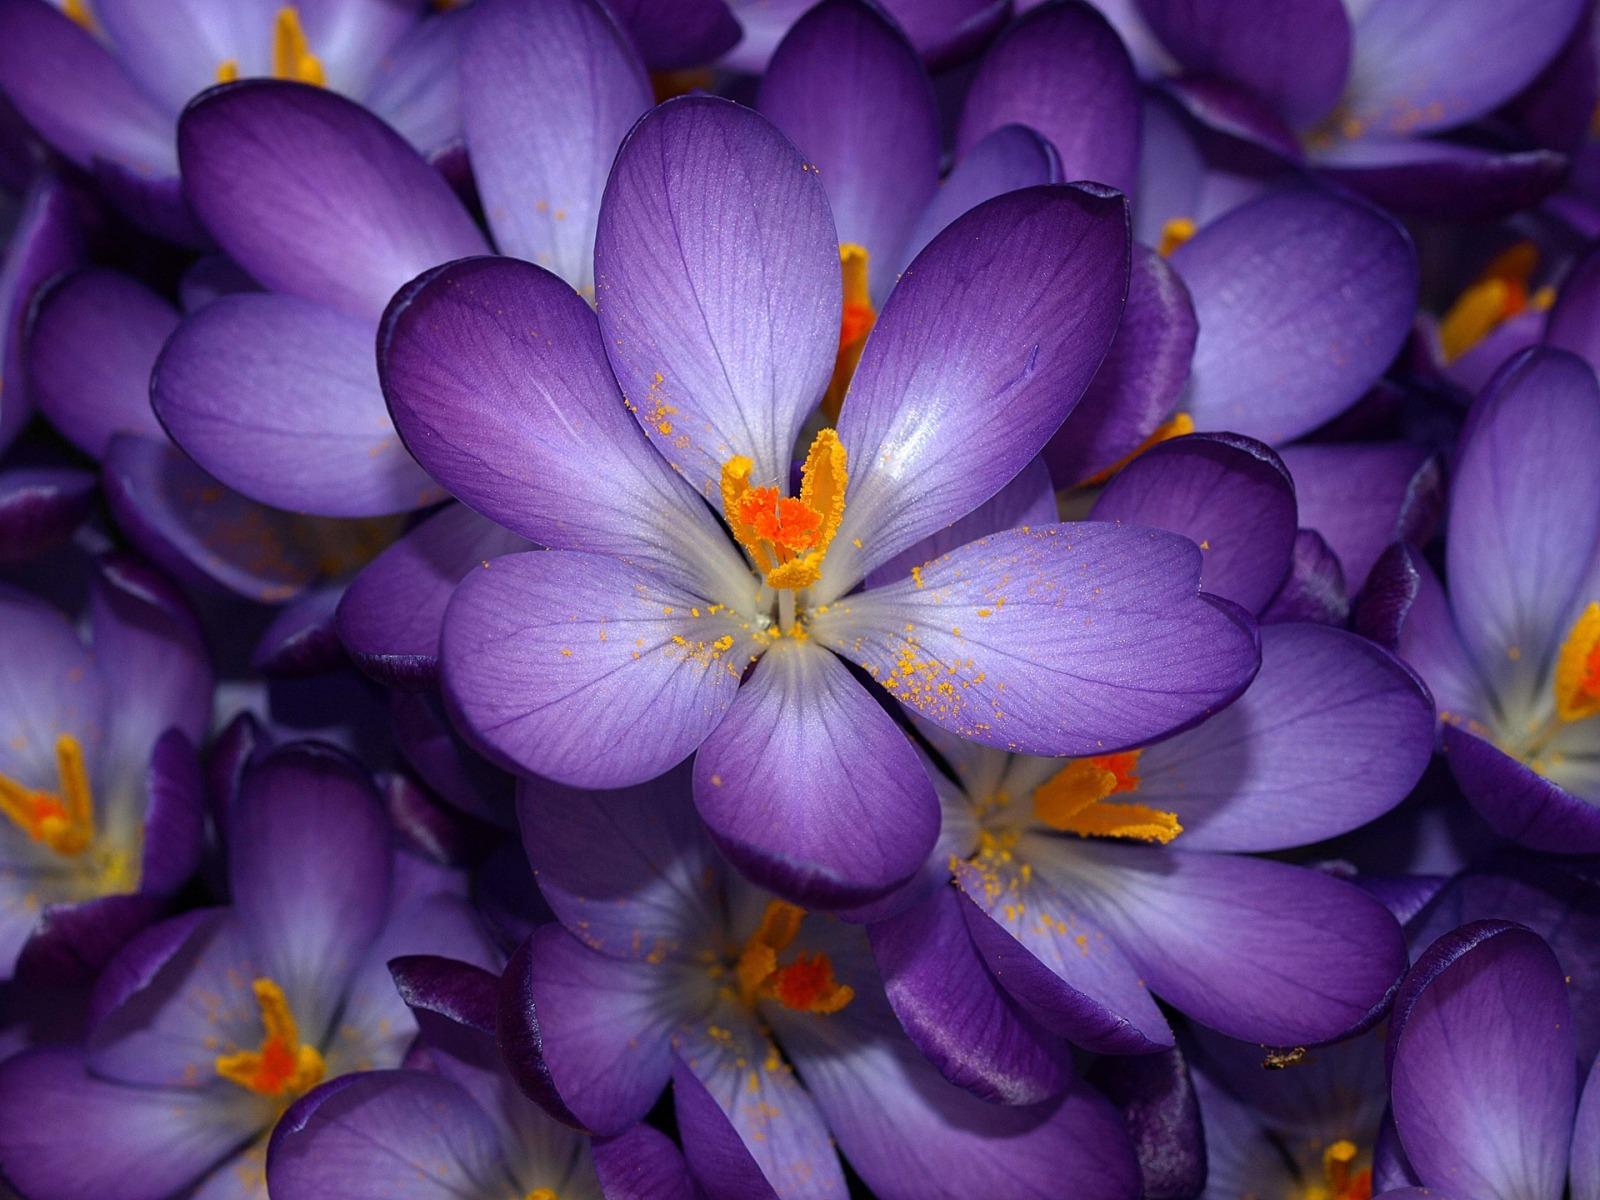 Purple crocus wallpaper flowers nature wallpapers in jpg format for 16001200 19201440 1280800 izmirmasajfo